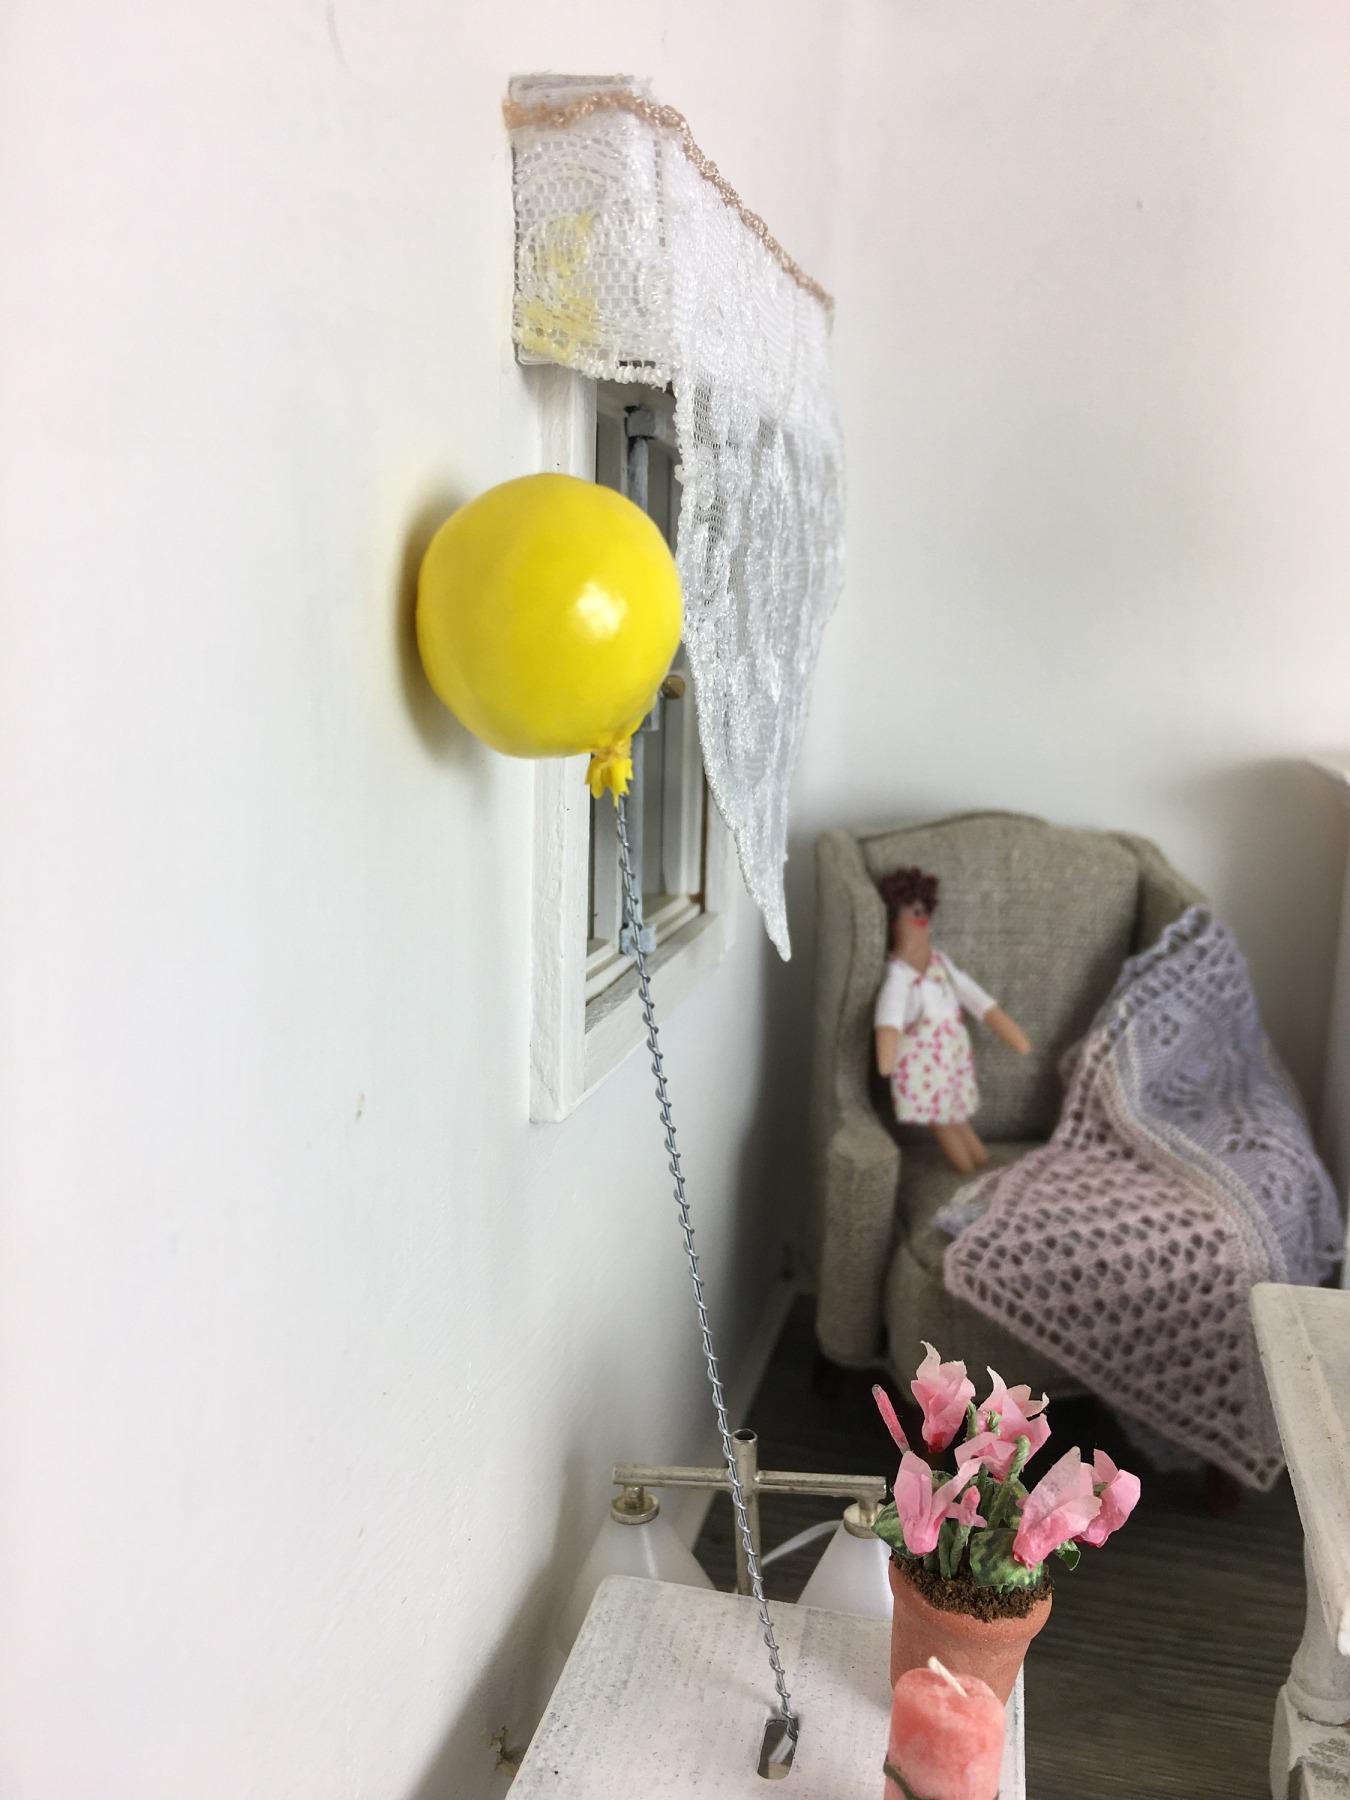 Luftballon in 1:12 Spielzeug für das